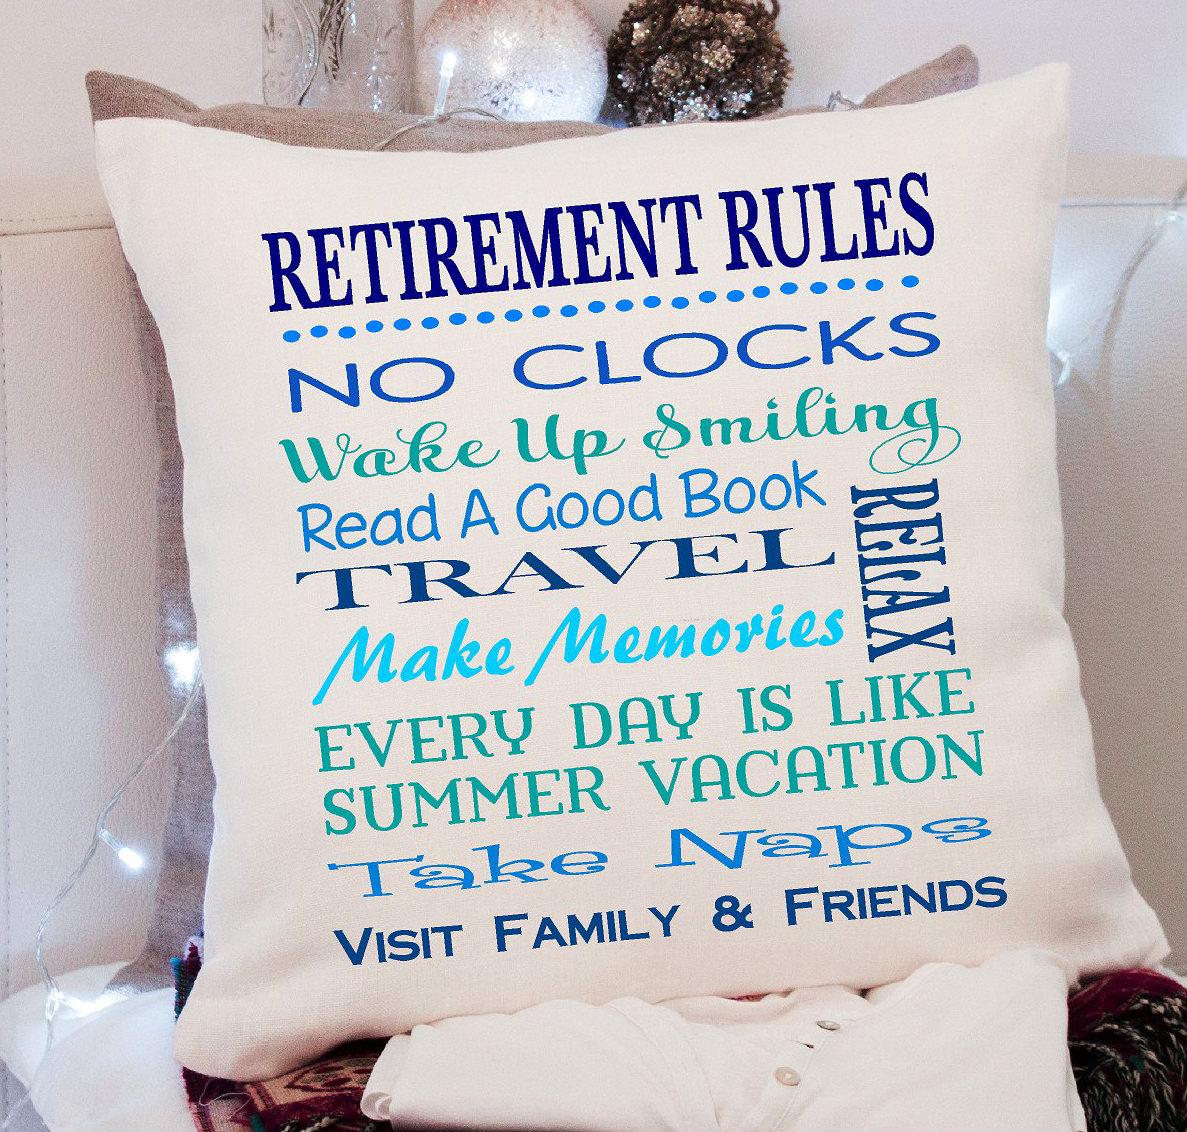 Christmas gift rules